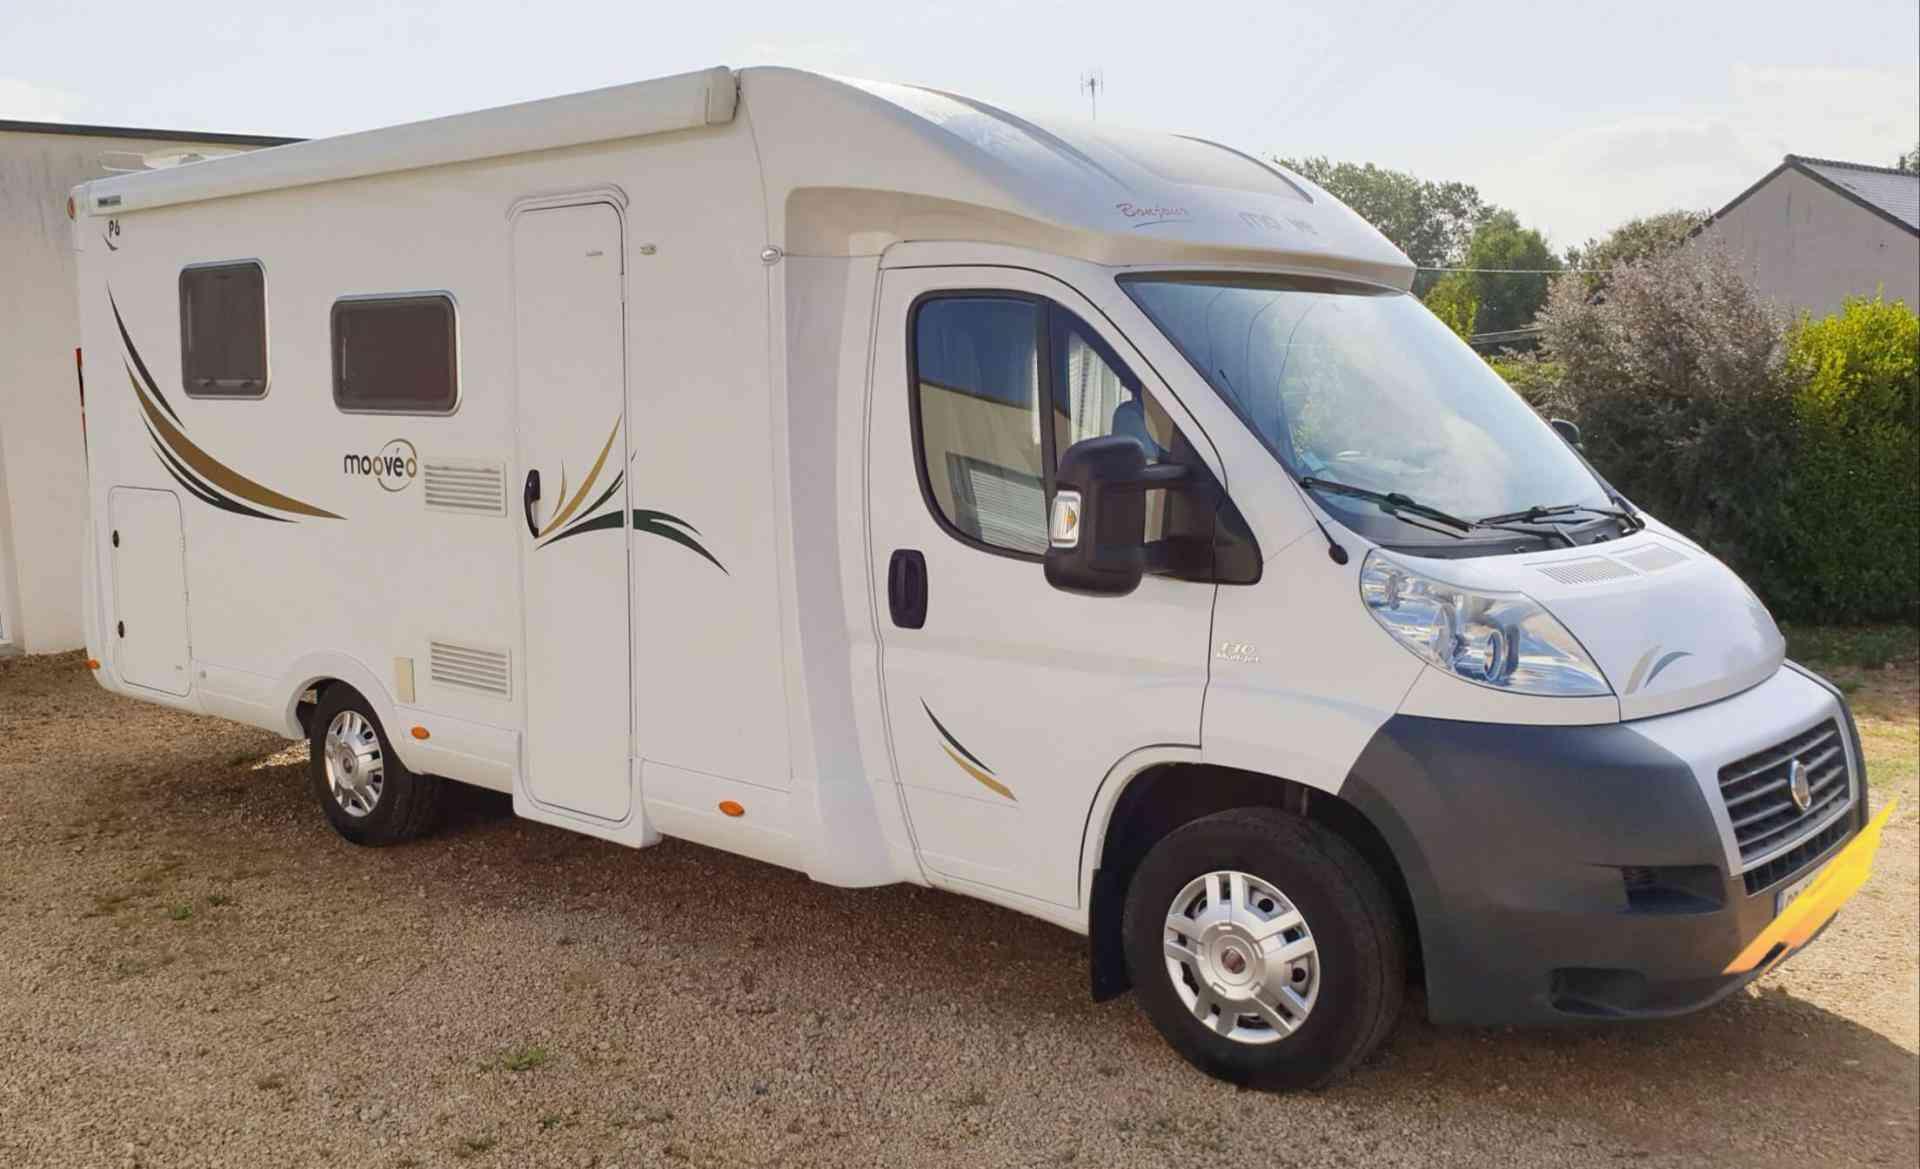 camping-car MOOVEO  P6